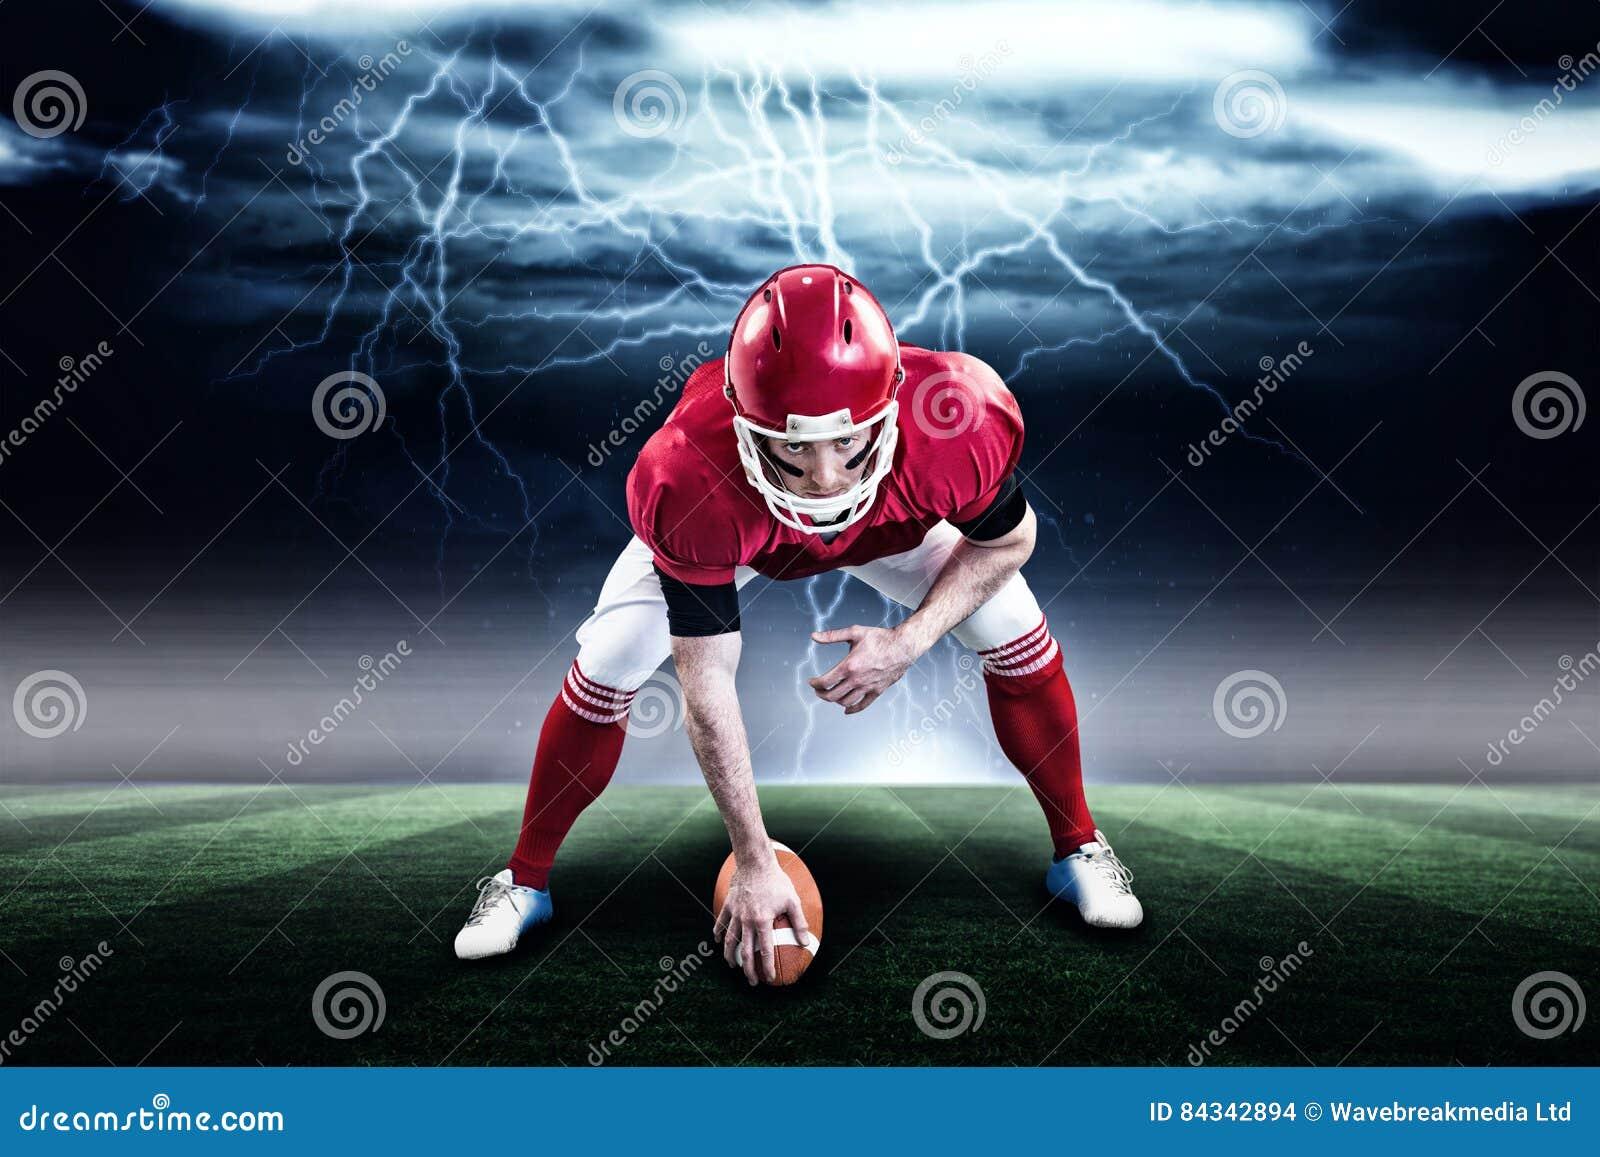 Imagen compuesta del jugador de fútbol americano que comienza el partido de fútbol 3d